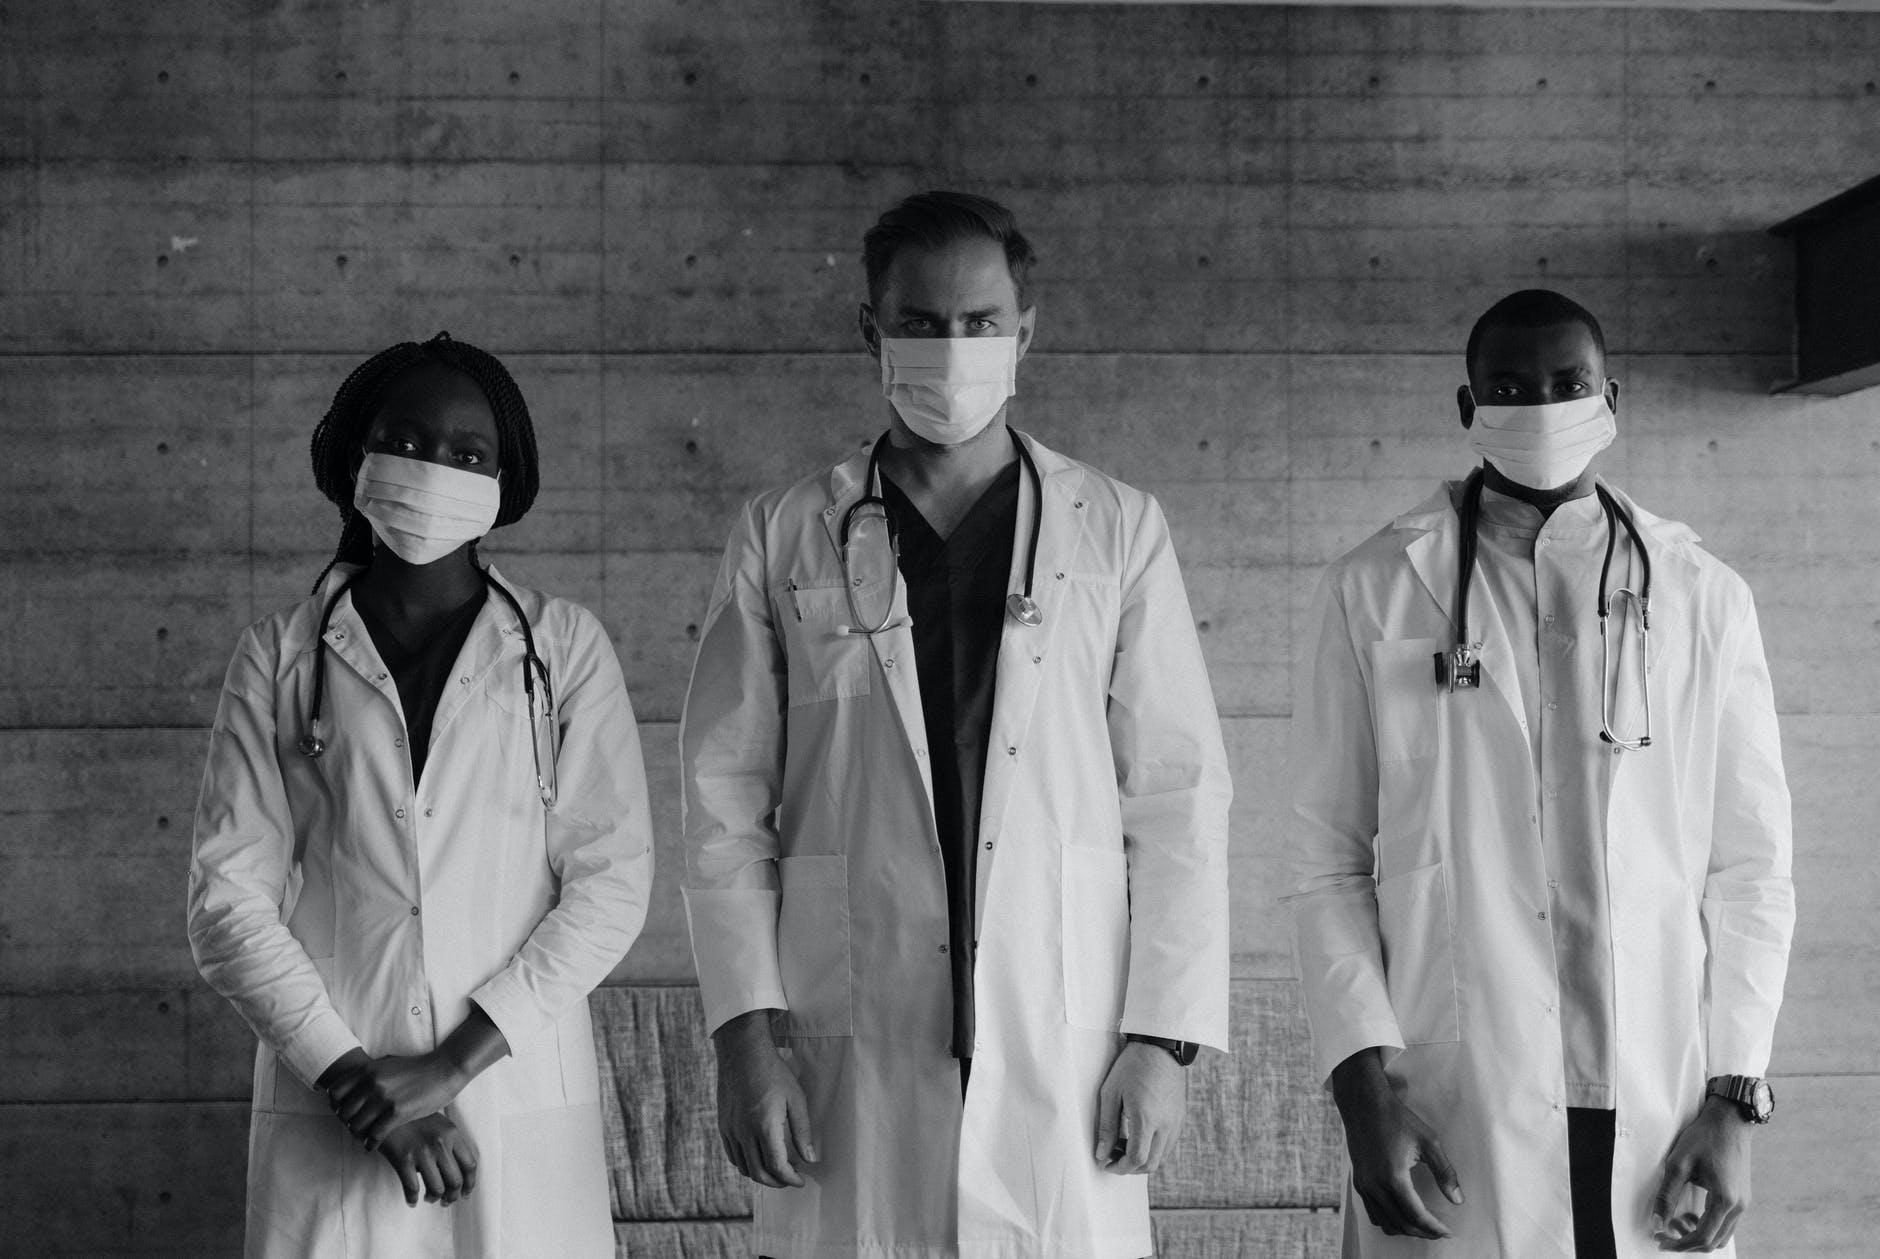 Team behind Surgeon in Operation Theatre